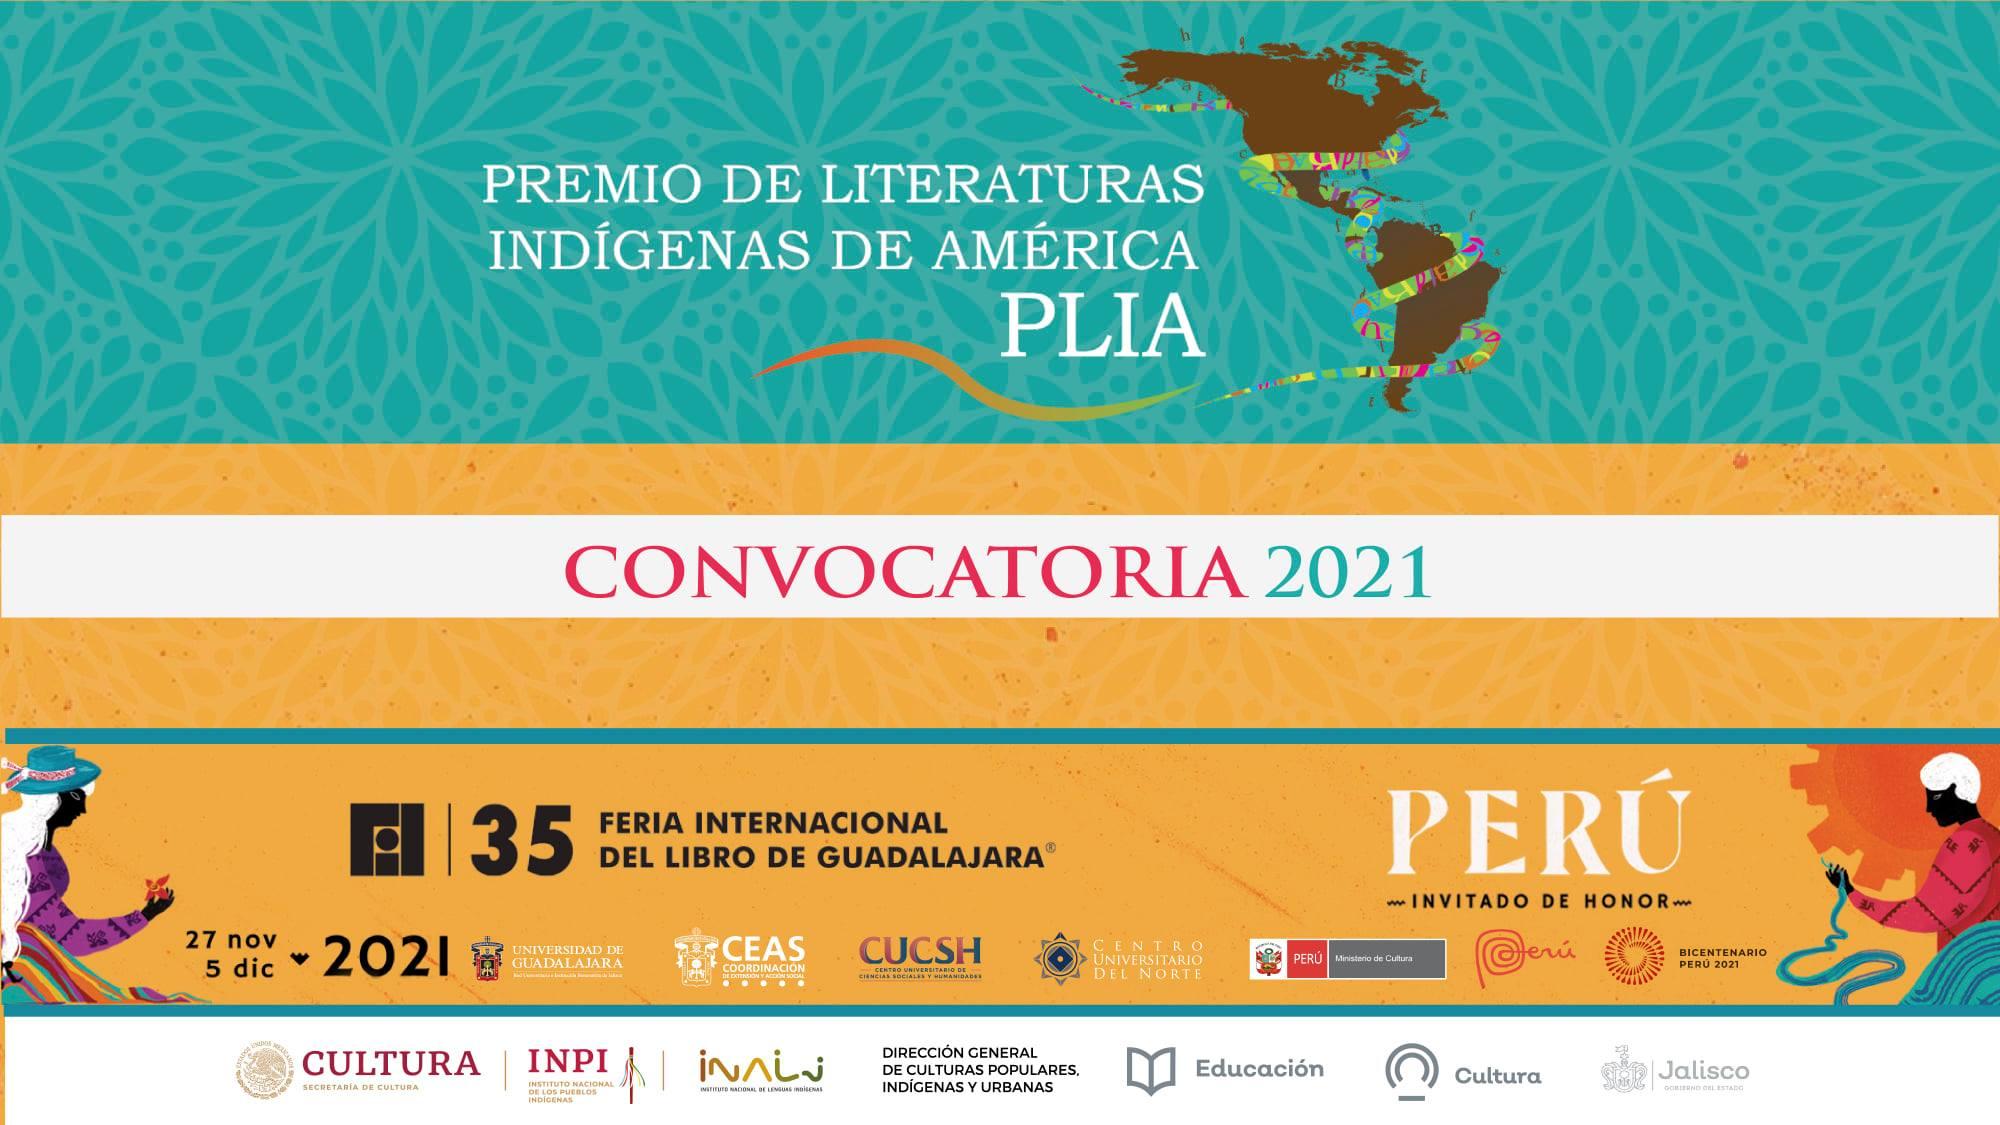 México estimula creación literaria de lenguas indígenas americanas